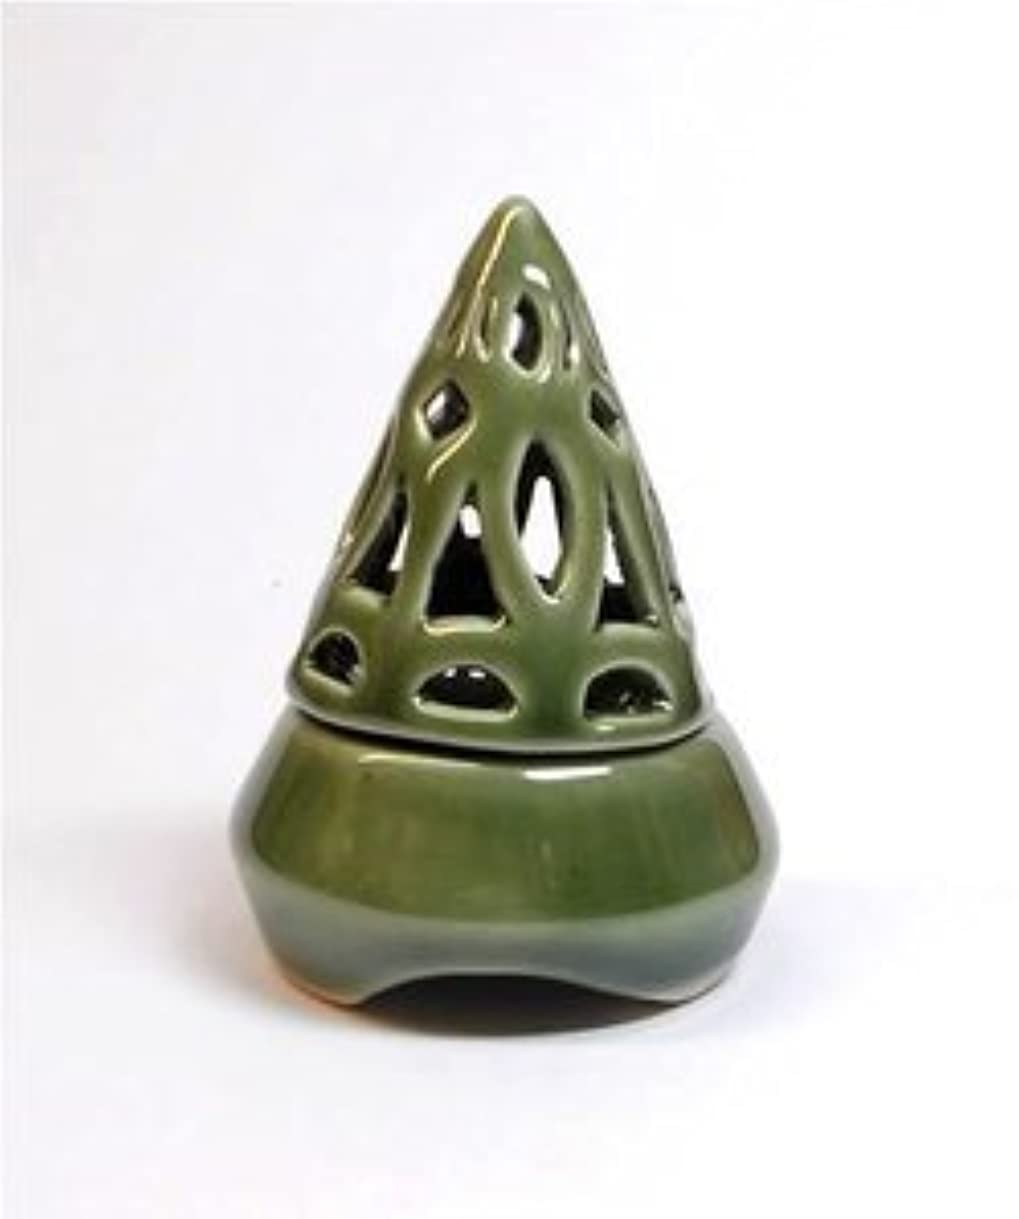 葬儀透けて見える影響力のある香炉コーン型 緑 インセンス ホルダー コーン用 お香立て アジアン雑貨